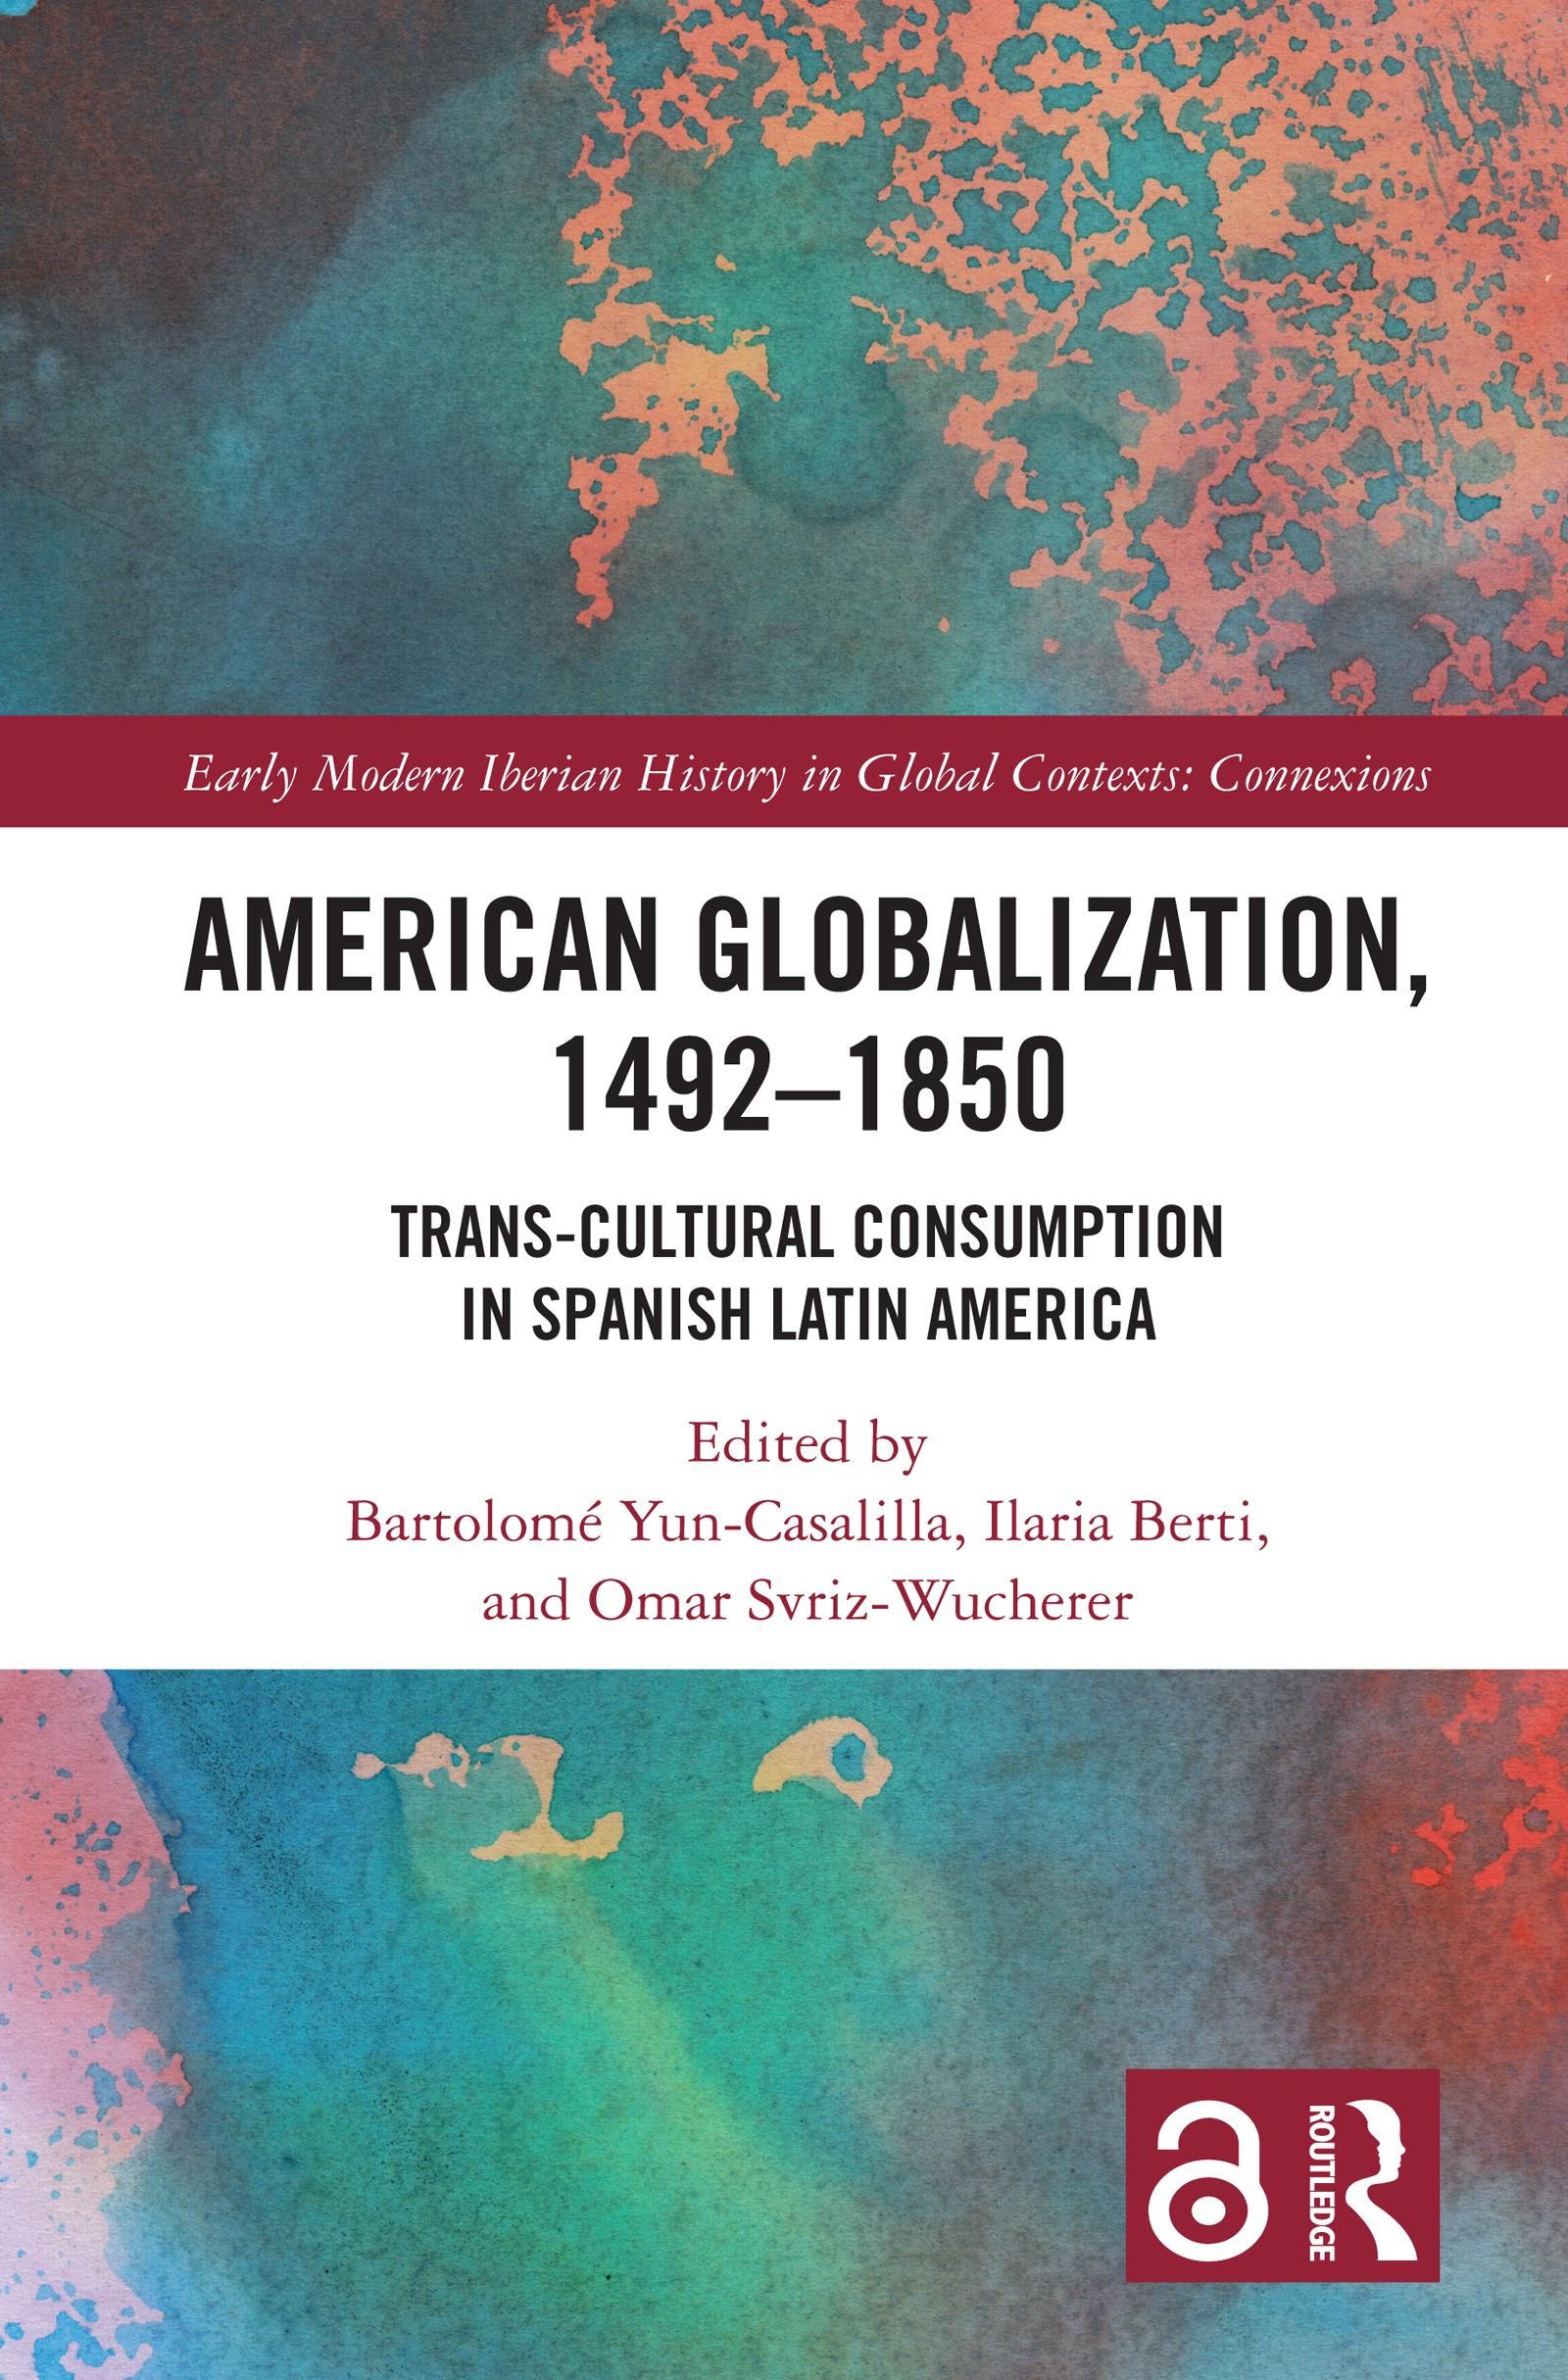 American Globalization, 1492–1850